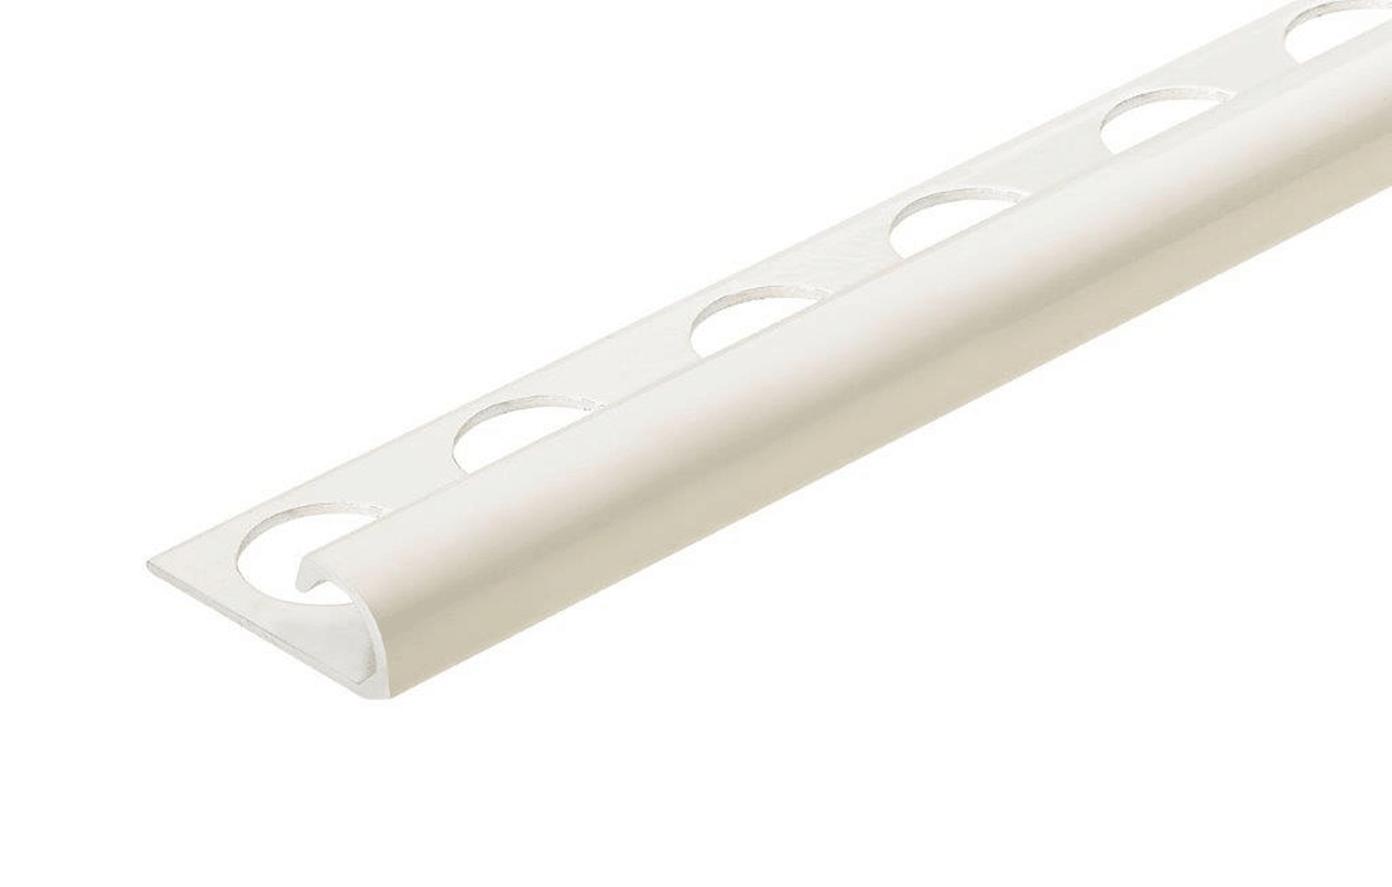 bright white 3 8 in aluminum r round bullnose tile edging trim